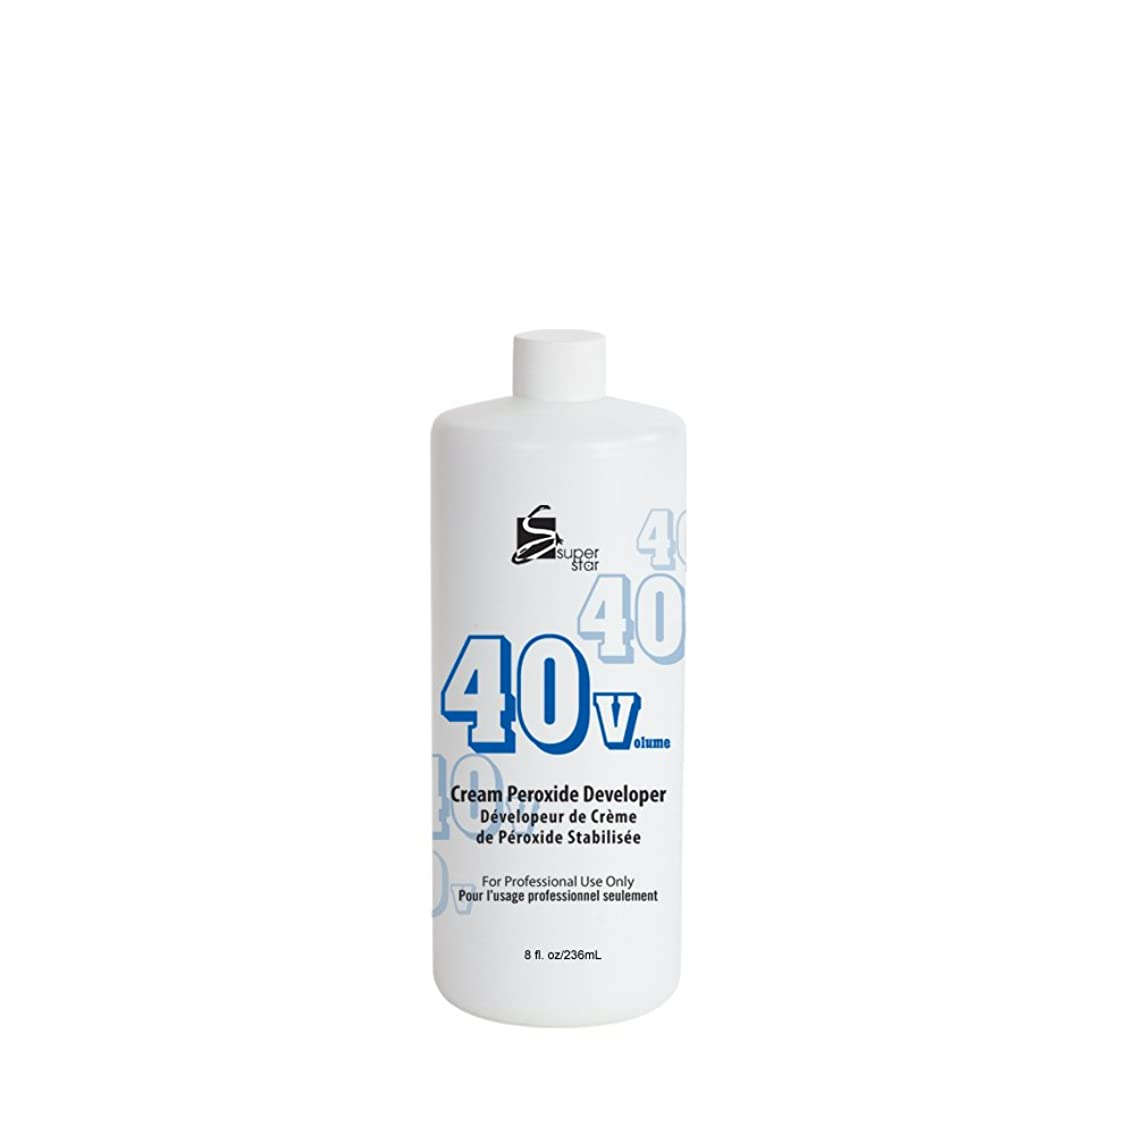 キャンプ課税ウェブMarianna Beauty Accessories SUPER STAR安定化クリーム過酸化物デベロッパー40V HC-50401